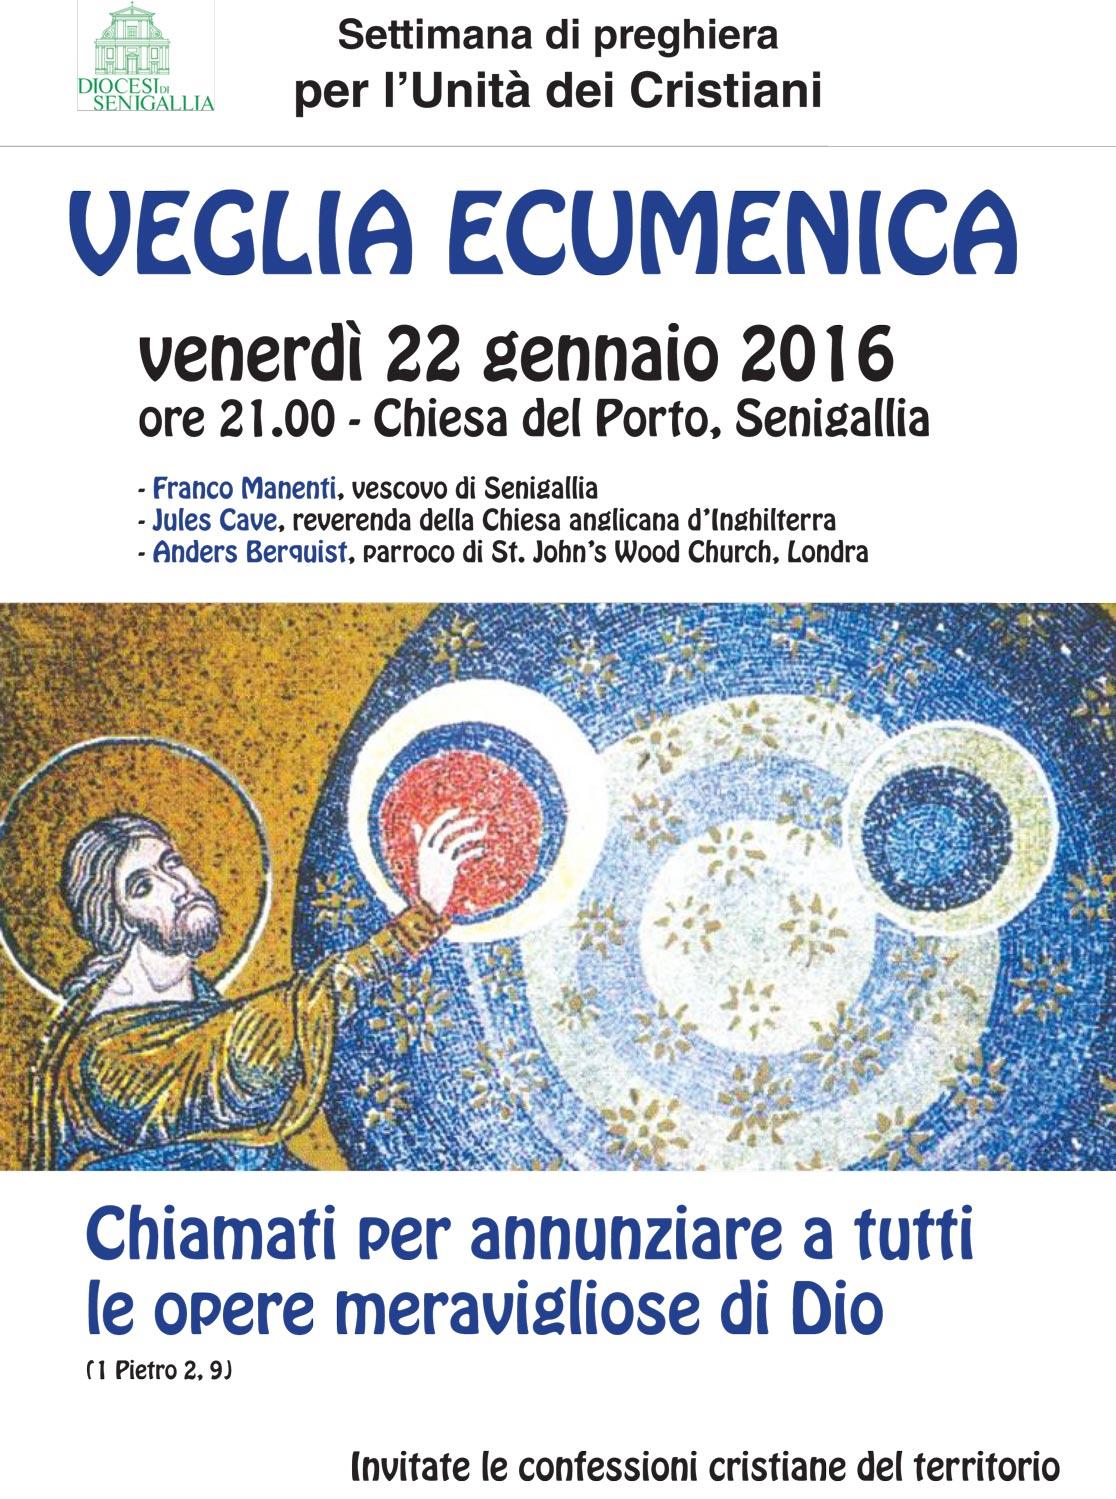 Veglia-ecumenica-2016